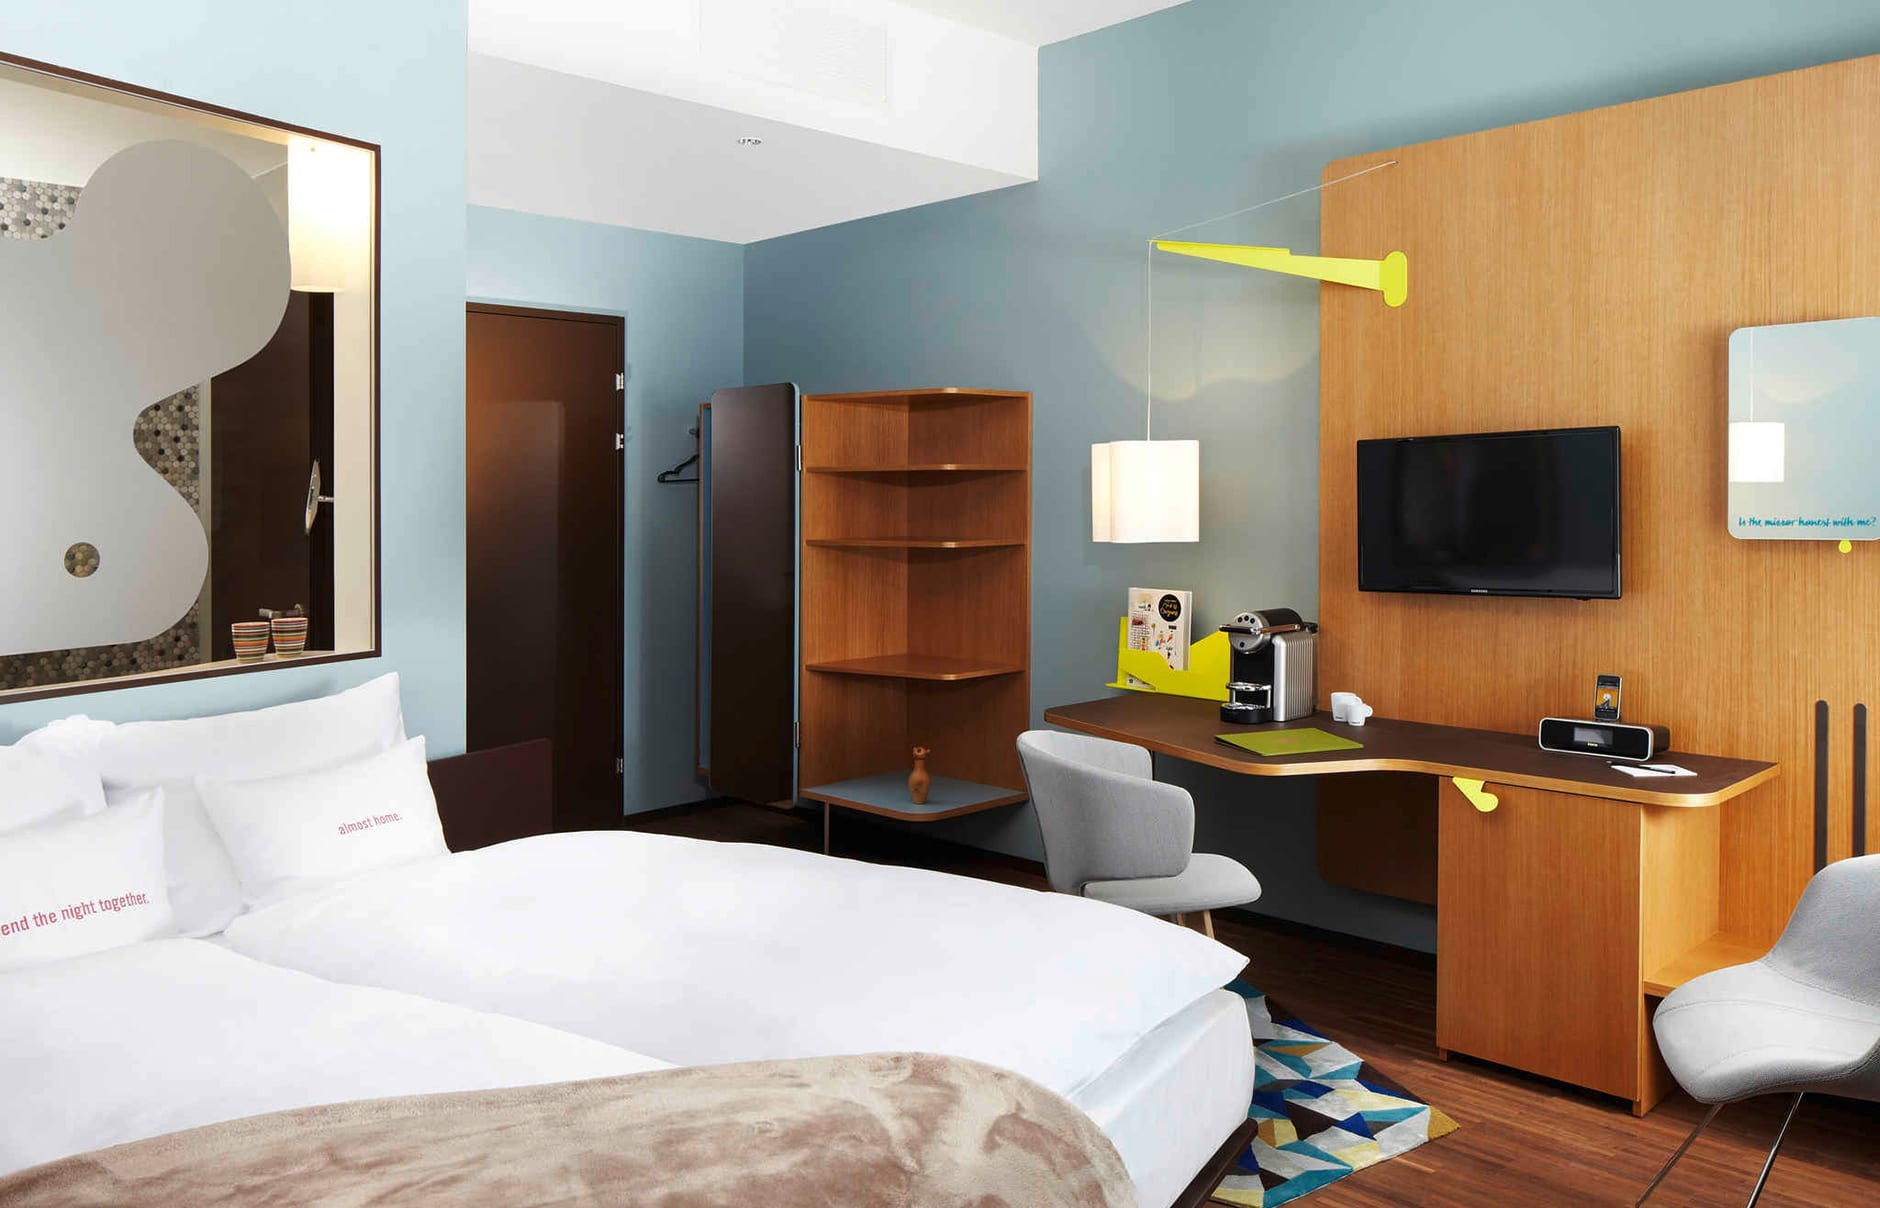 25hours Hotel Zurich West, Switzerland. Hotel Review. Photo © 25hours Hotels